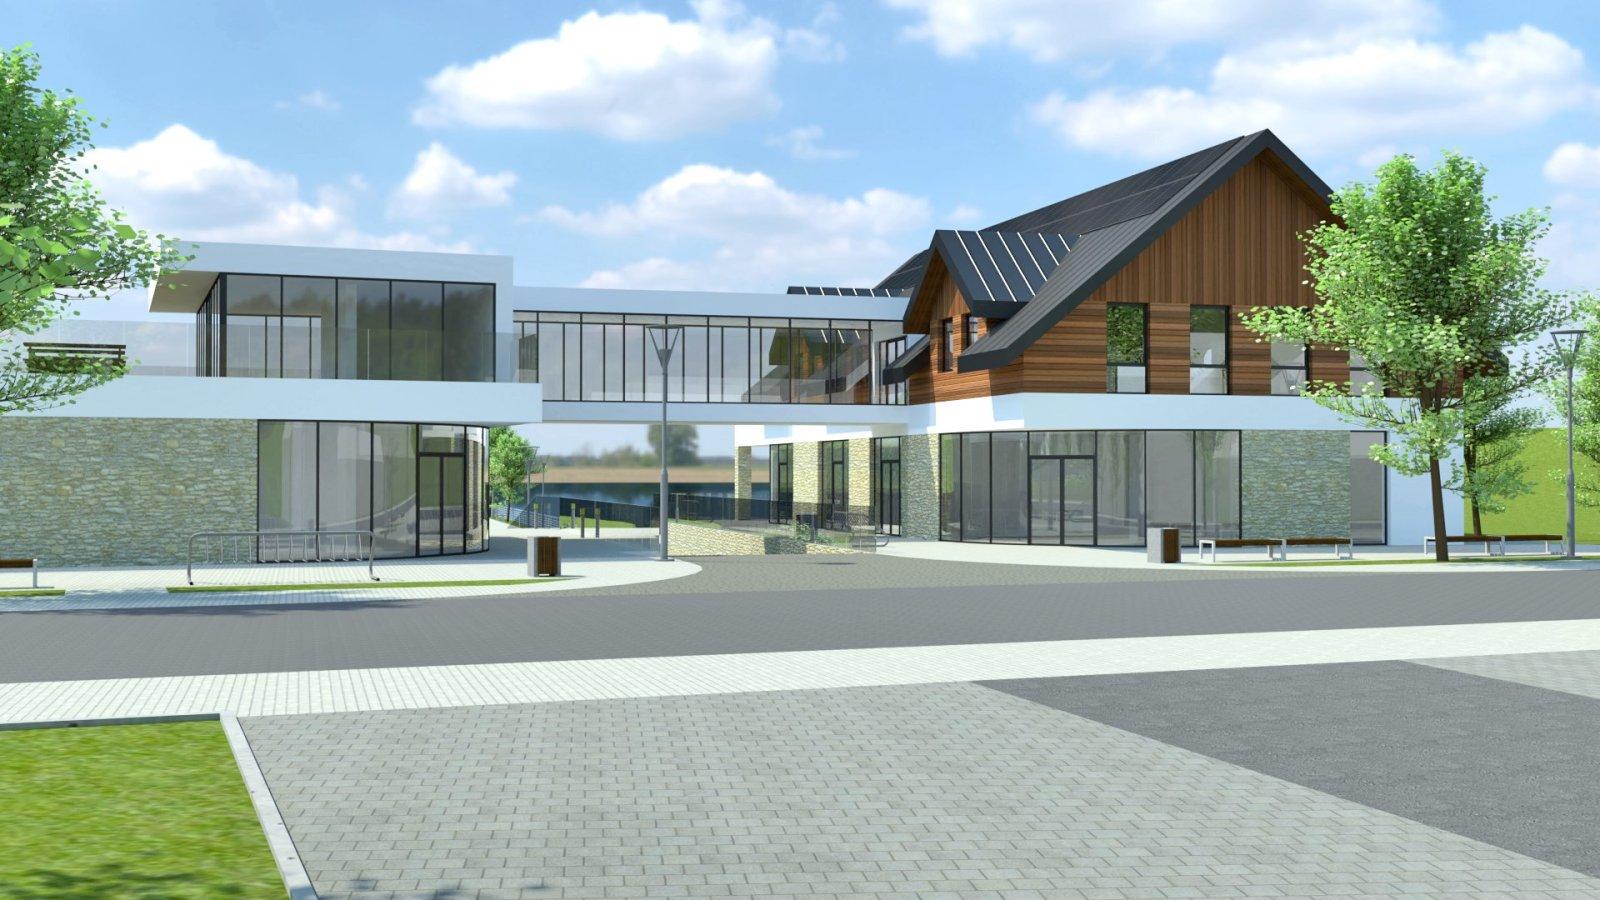 Plan turystyczno-rekreacyjnego zagospodarowania centrum Gródka już powstał (fot.gminagrodek.pl)